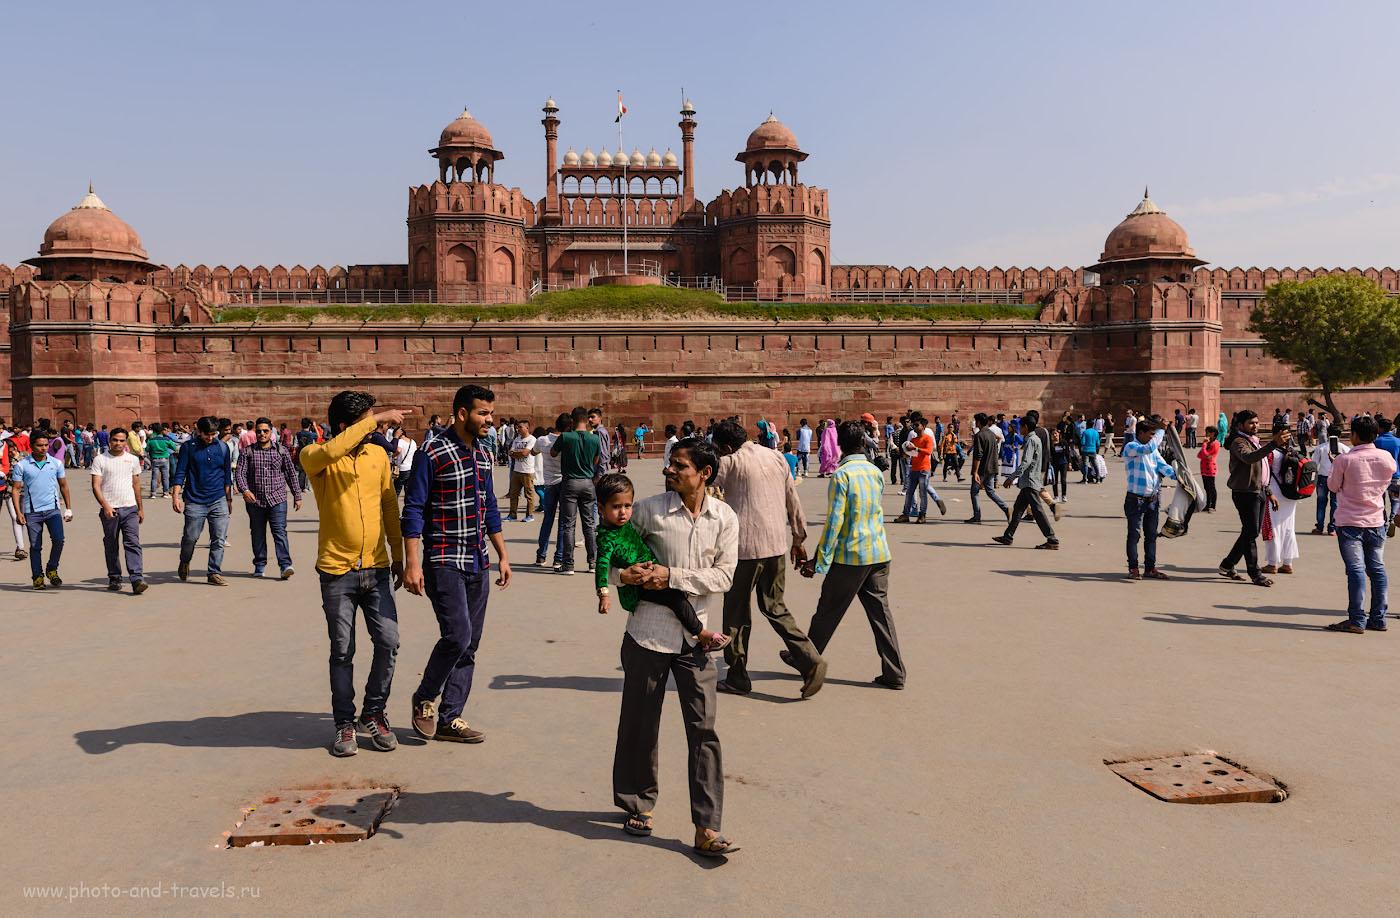 Фото 3. Площадь перед Красным фортом. Отзывы туристов об экскурсиях в Дели самостоятельно. Фотоаппарат Никон Д610 + Никон 24-70. Параметры съемки: 1/200, 9.0, 100, 28.